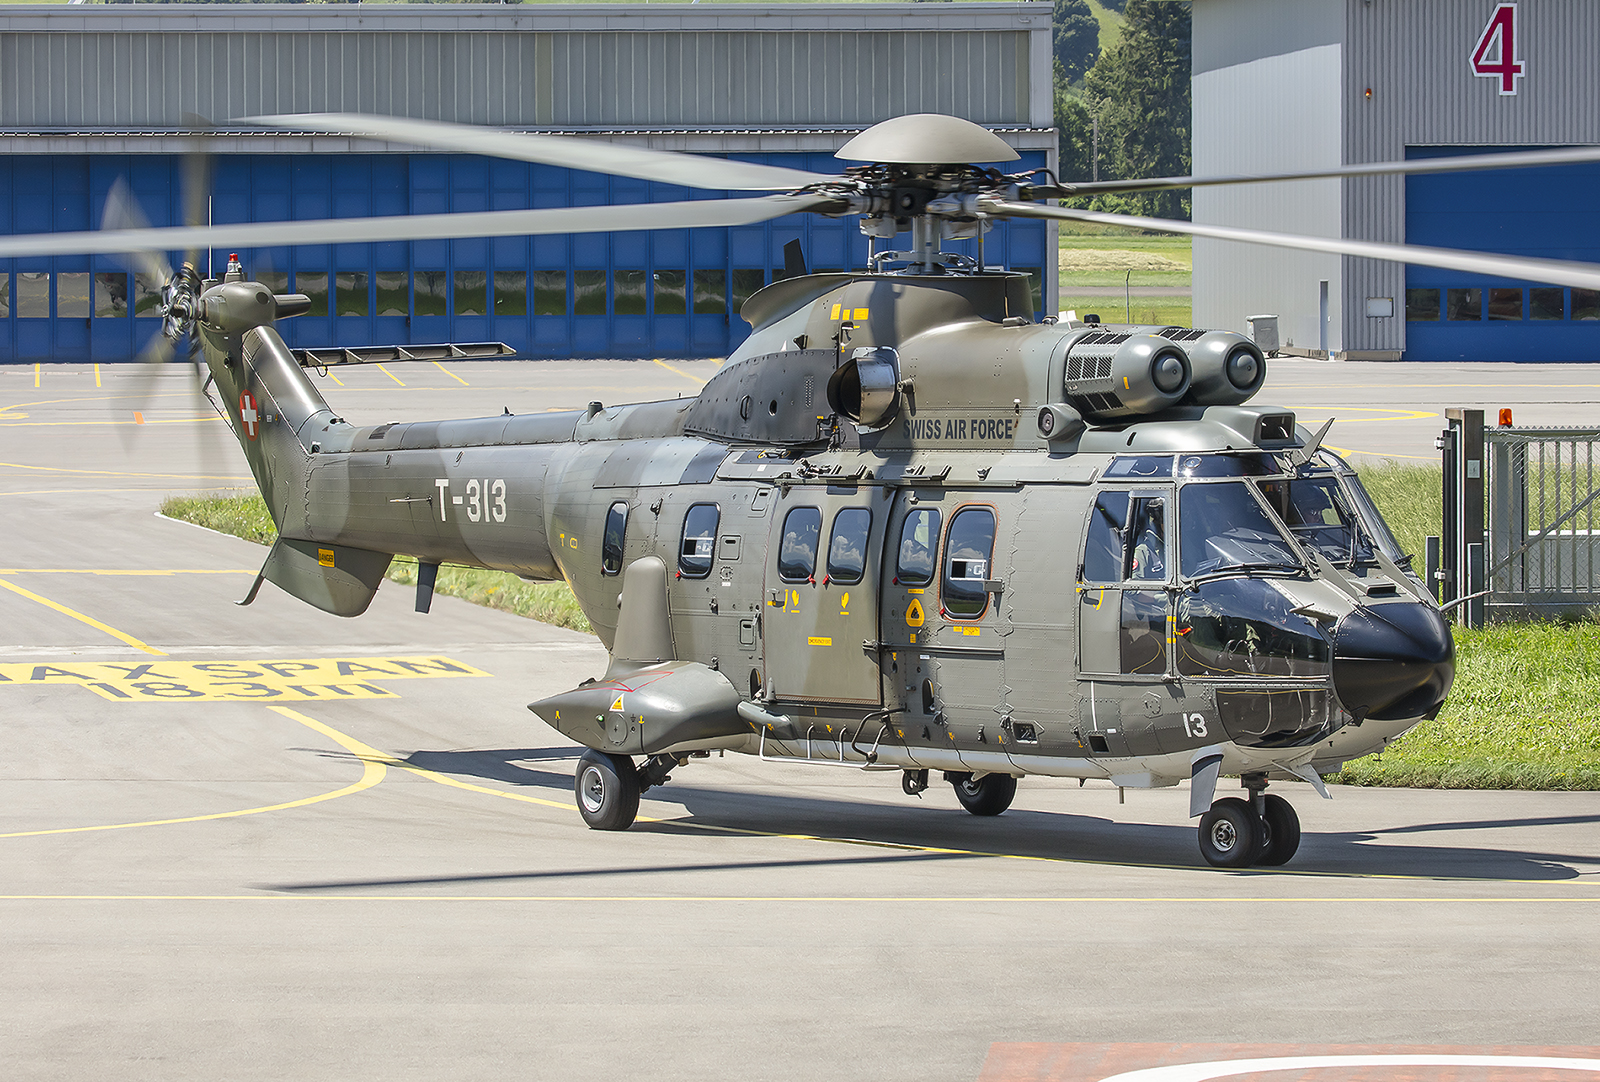 """AS332, eine """"Super Puma"""" die sowohl als Transporthubschrauber, als auch als SAR-Heli eingesetzt werden kann."""